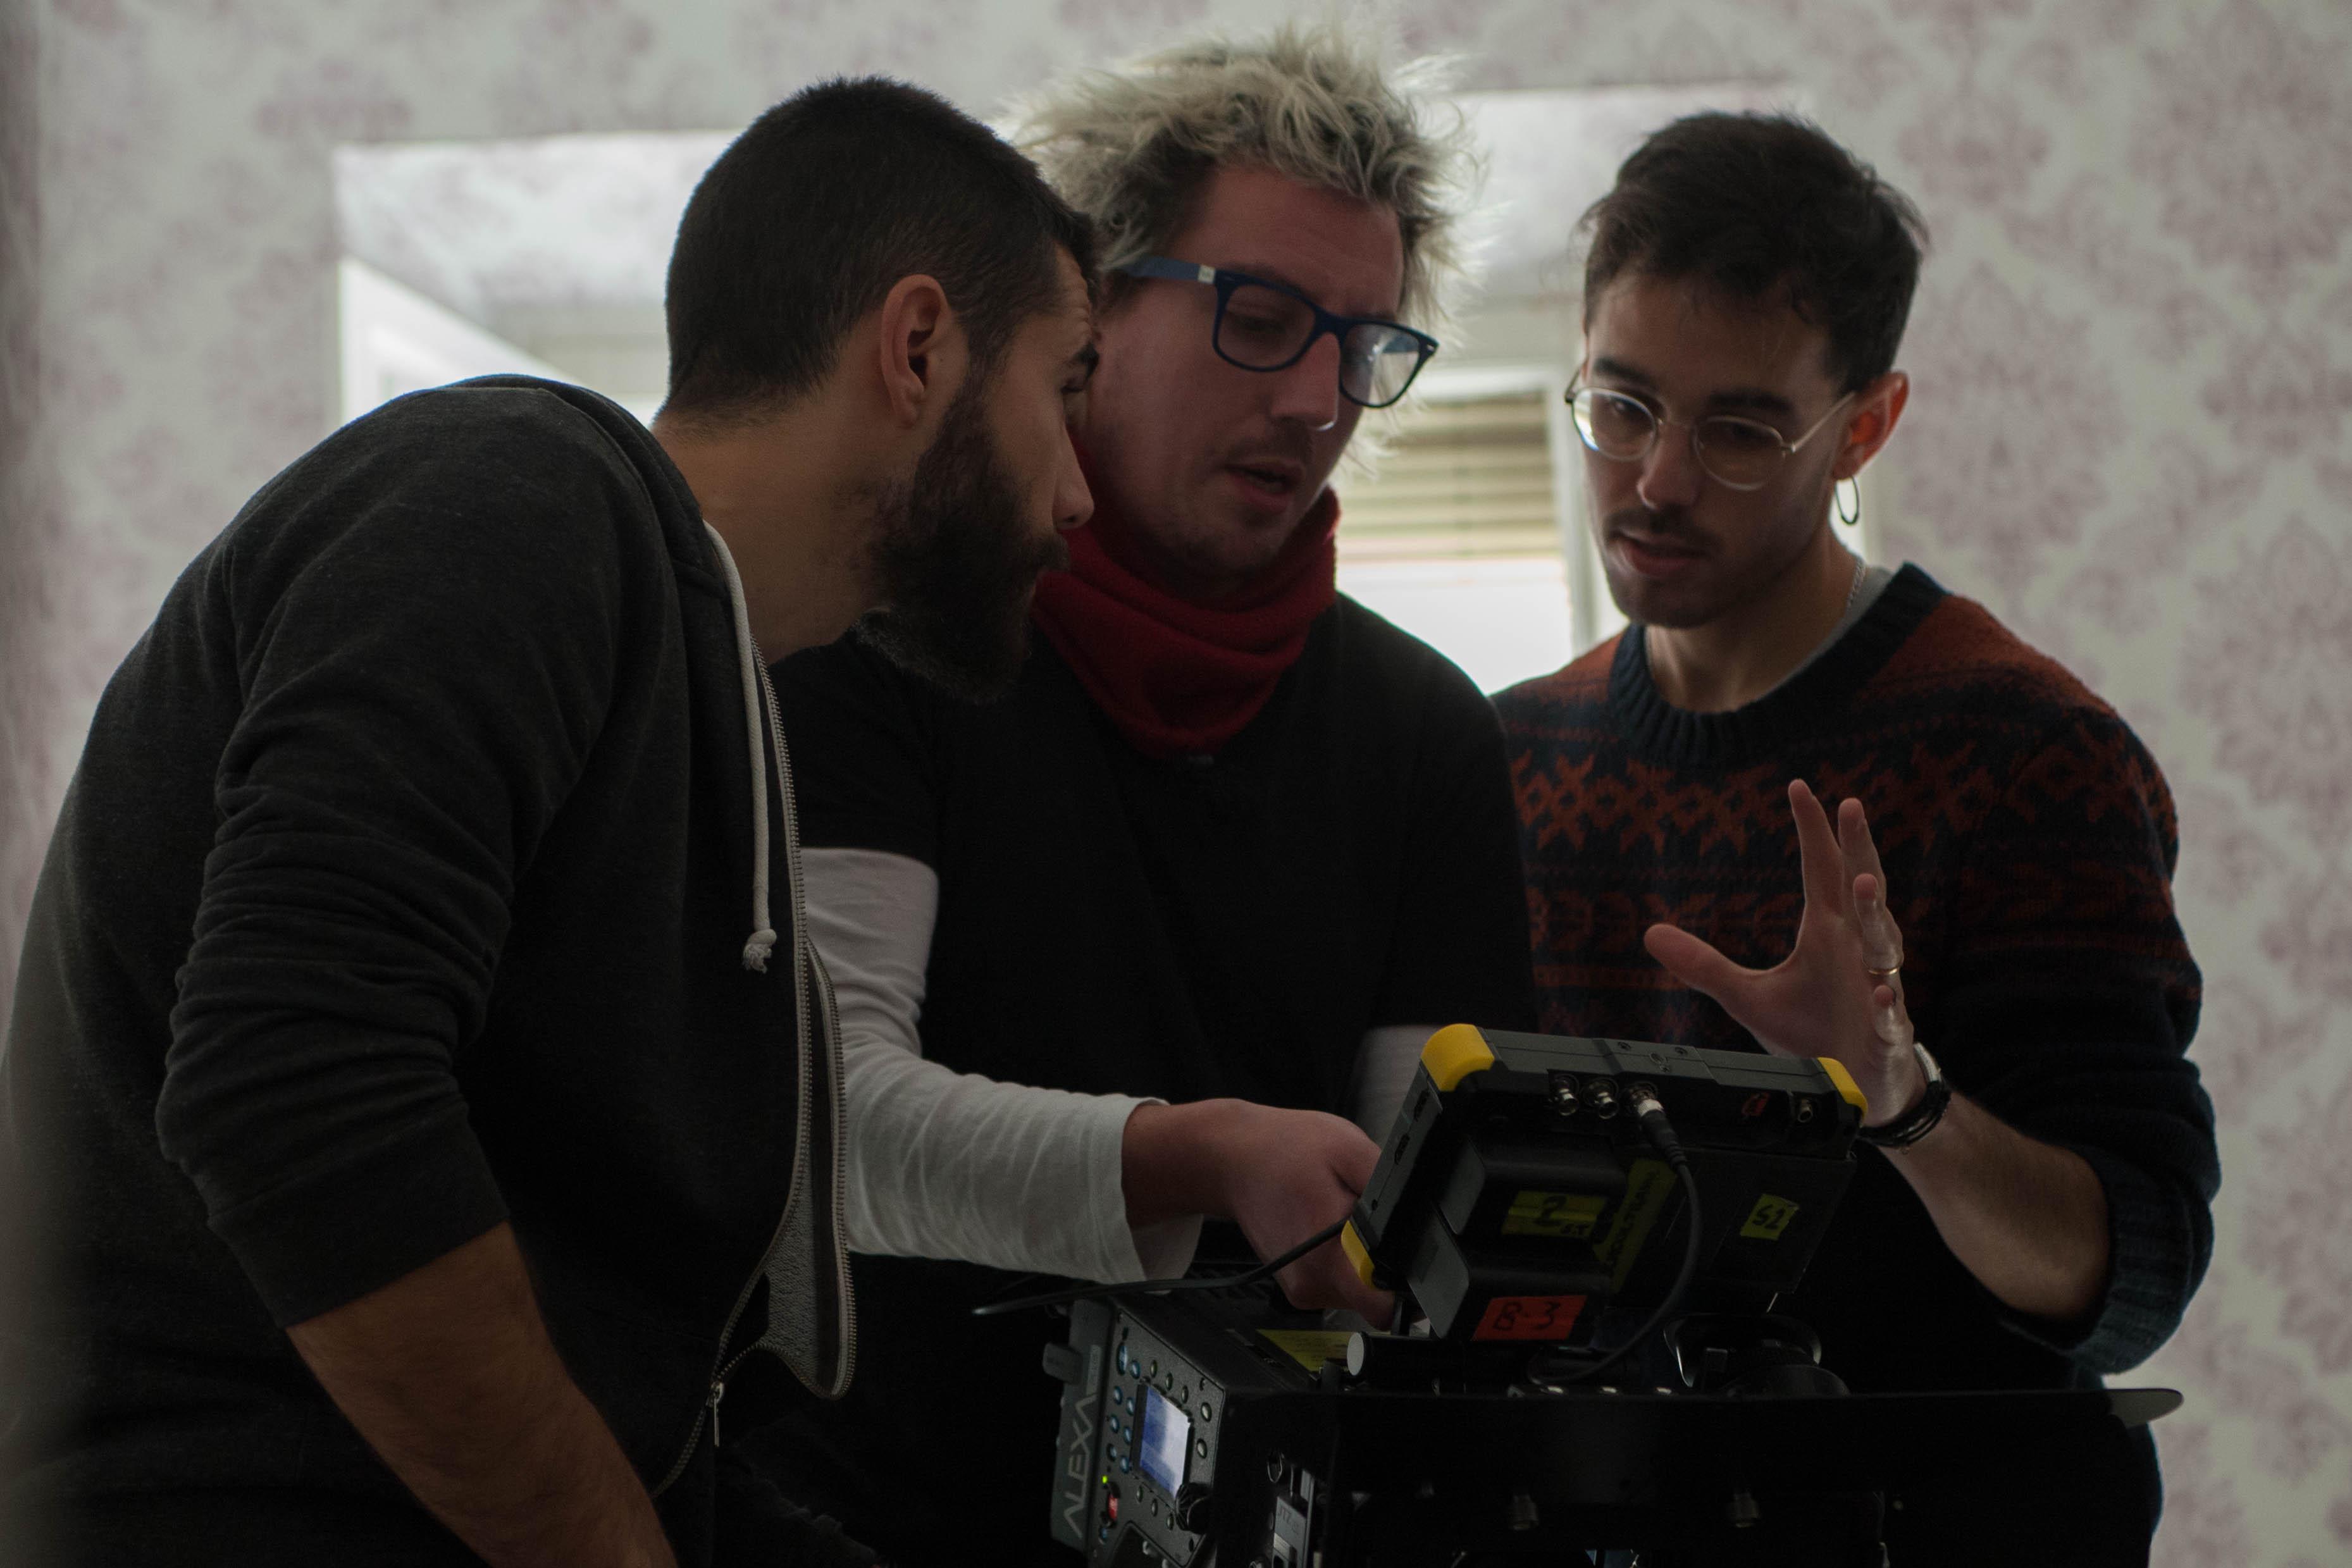 Un momento de la grabación del trailer del corto 'Los ojos de Érebo', de Los ojos de Erebo, un corto de Javier Barbero.